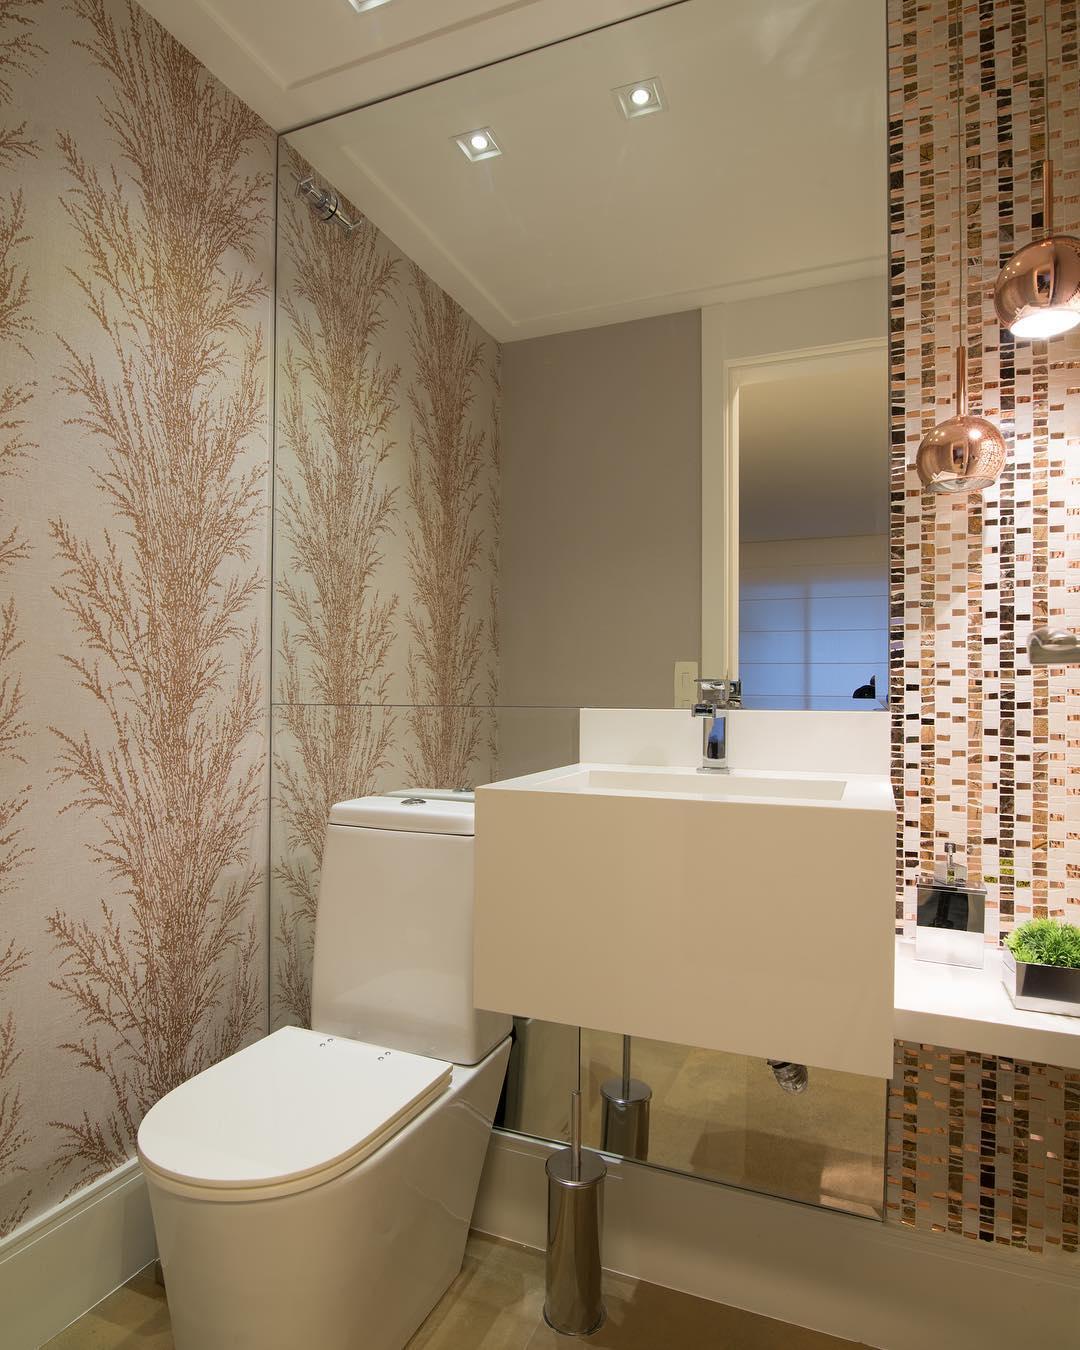 Inspira es de banheiros decorados para mudar o visual do seu folha de maring - Fotos de pisos decorados ...